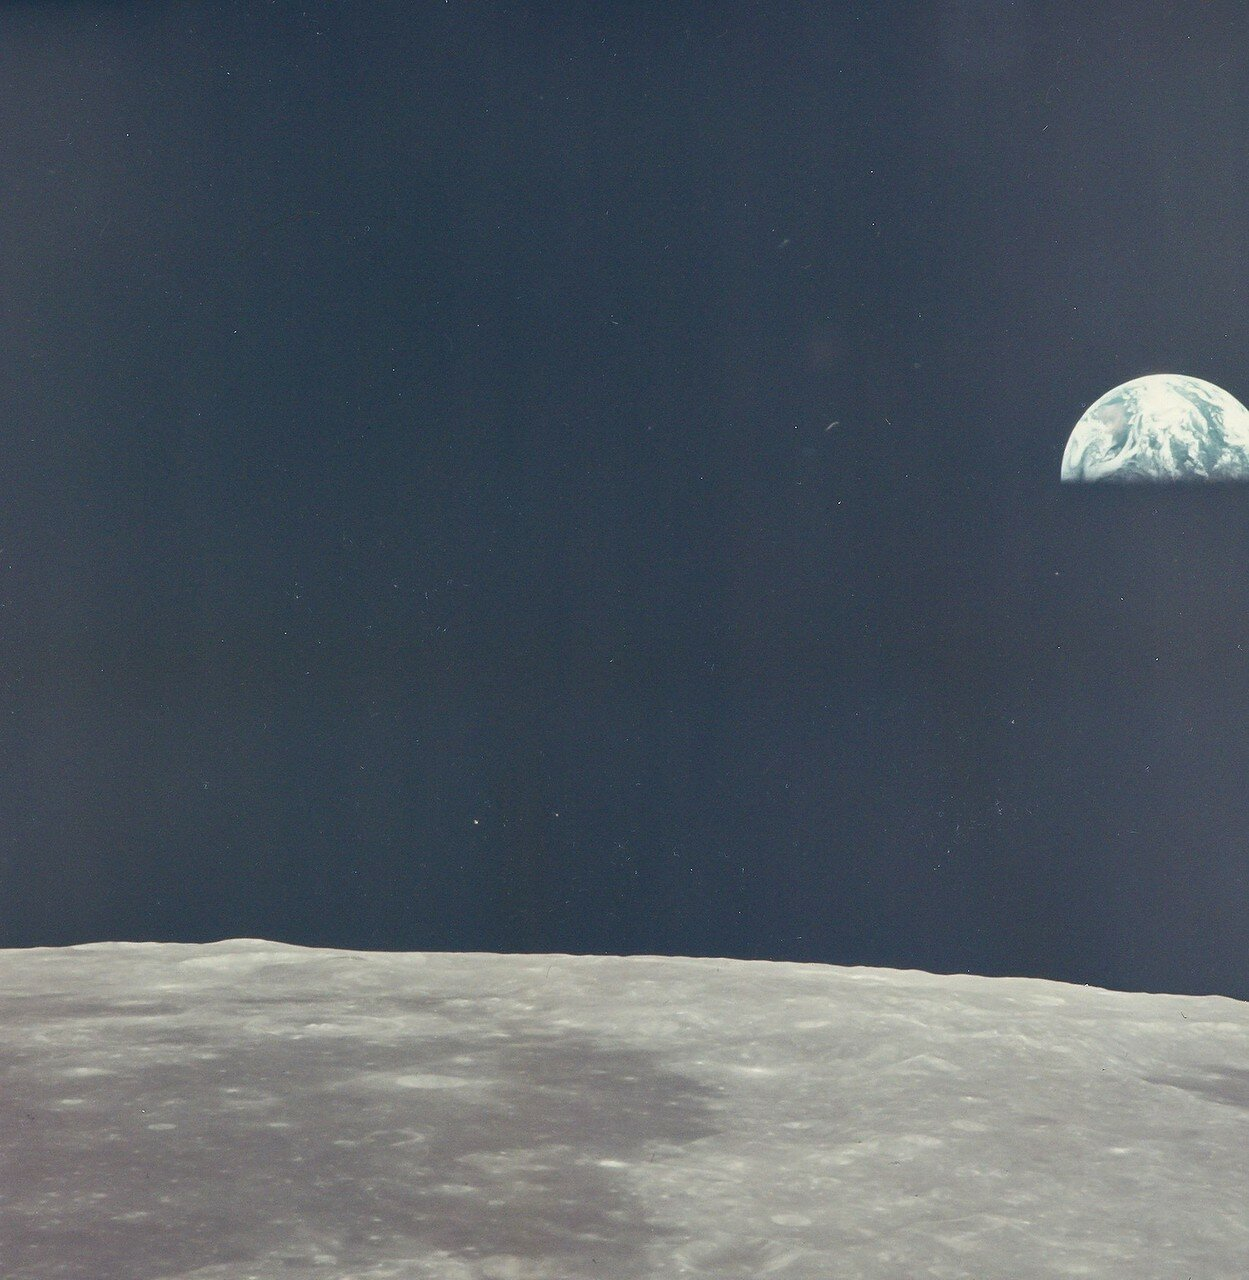 Была проведена проверка работы средств связи. Коллинз всё это время оставался в командном модуле, поэтому впервые в ходе полёта во время радиопереговоров использовались позывные обоих кораблей — «Колумбия» и «Орёл». На снимке: Восход Земли